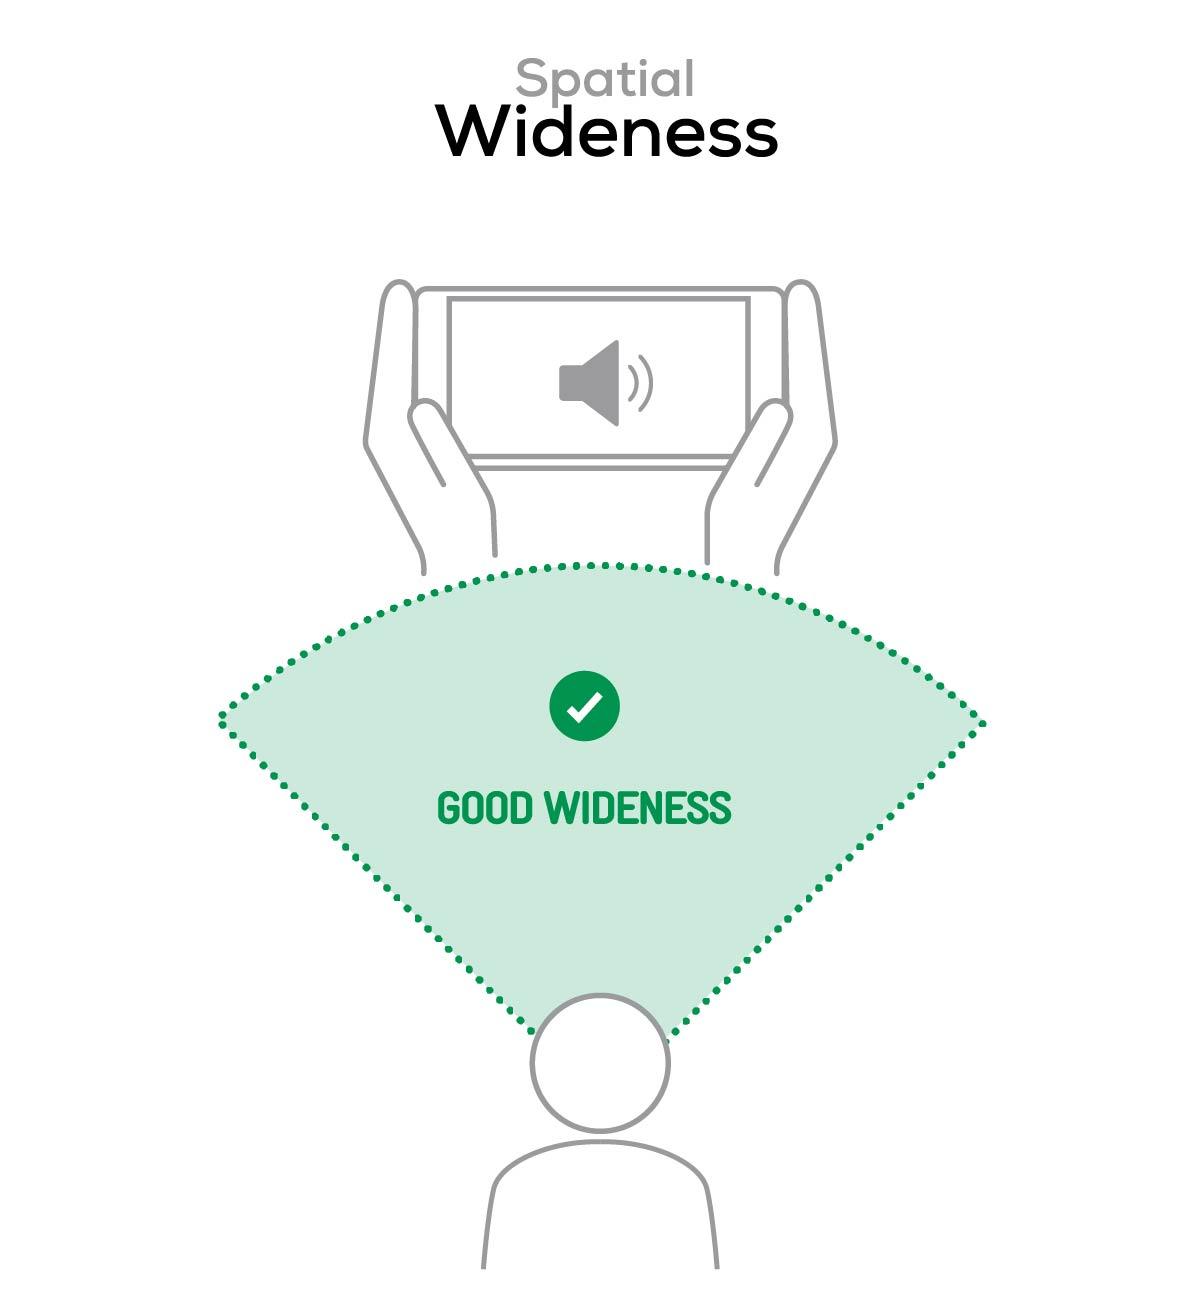 playback-spatial-wideness-good.jpg